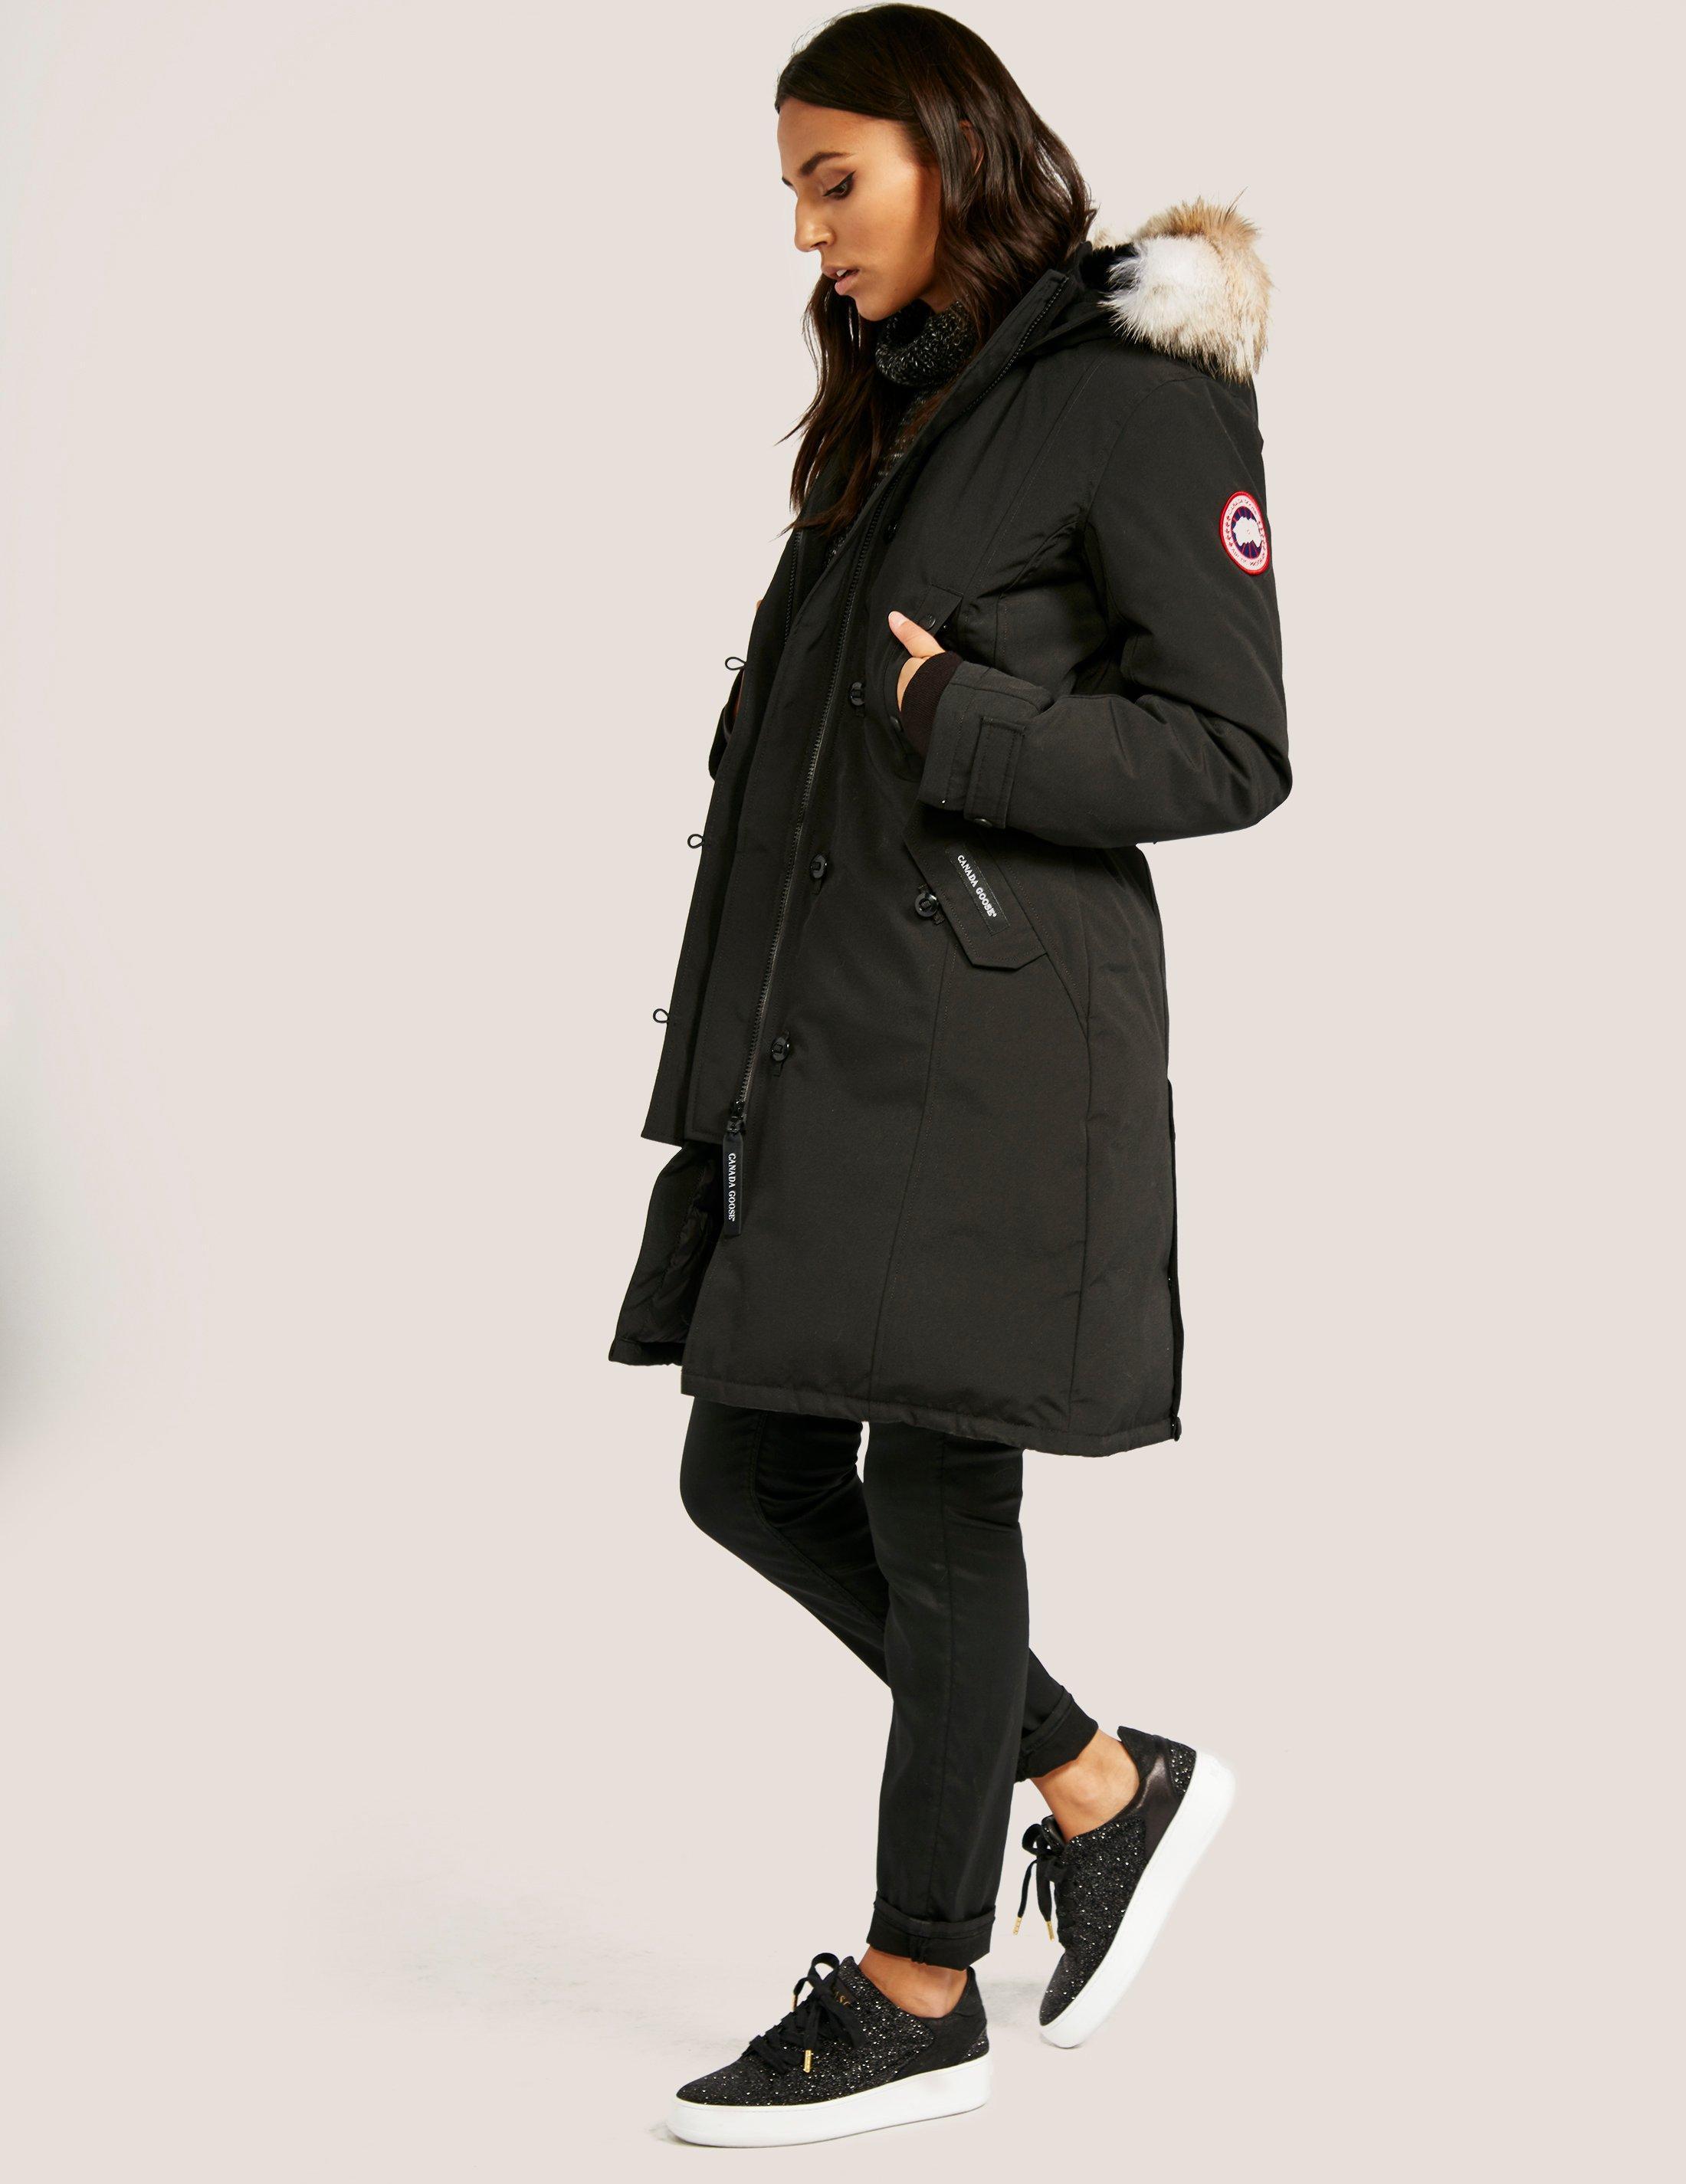 black kensington canada goose jacket